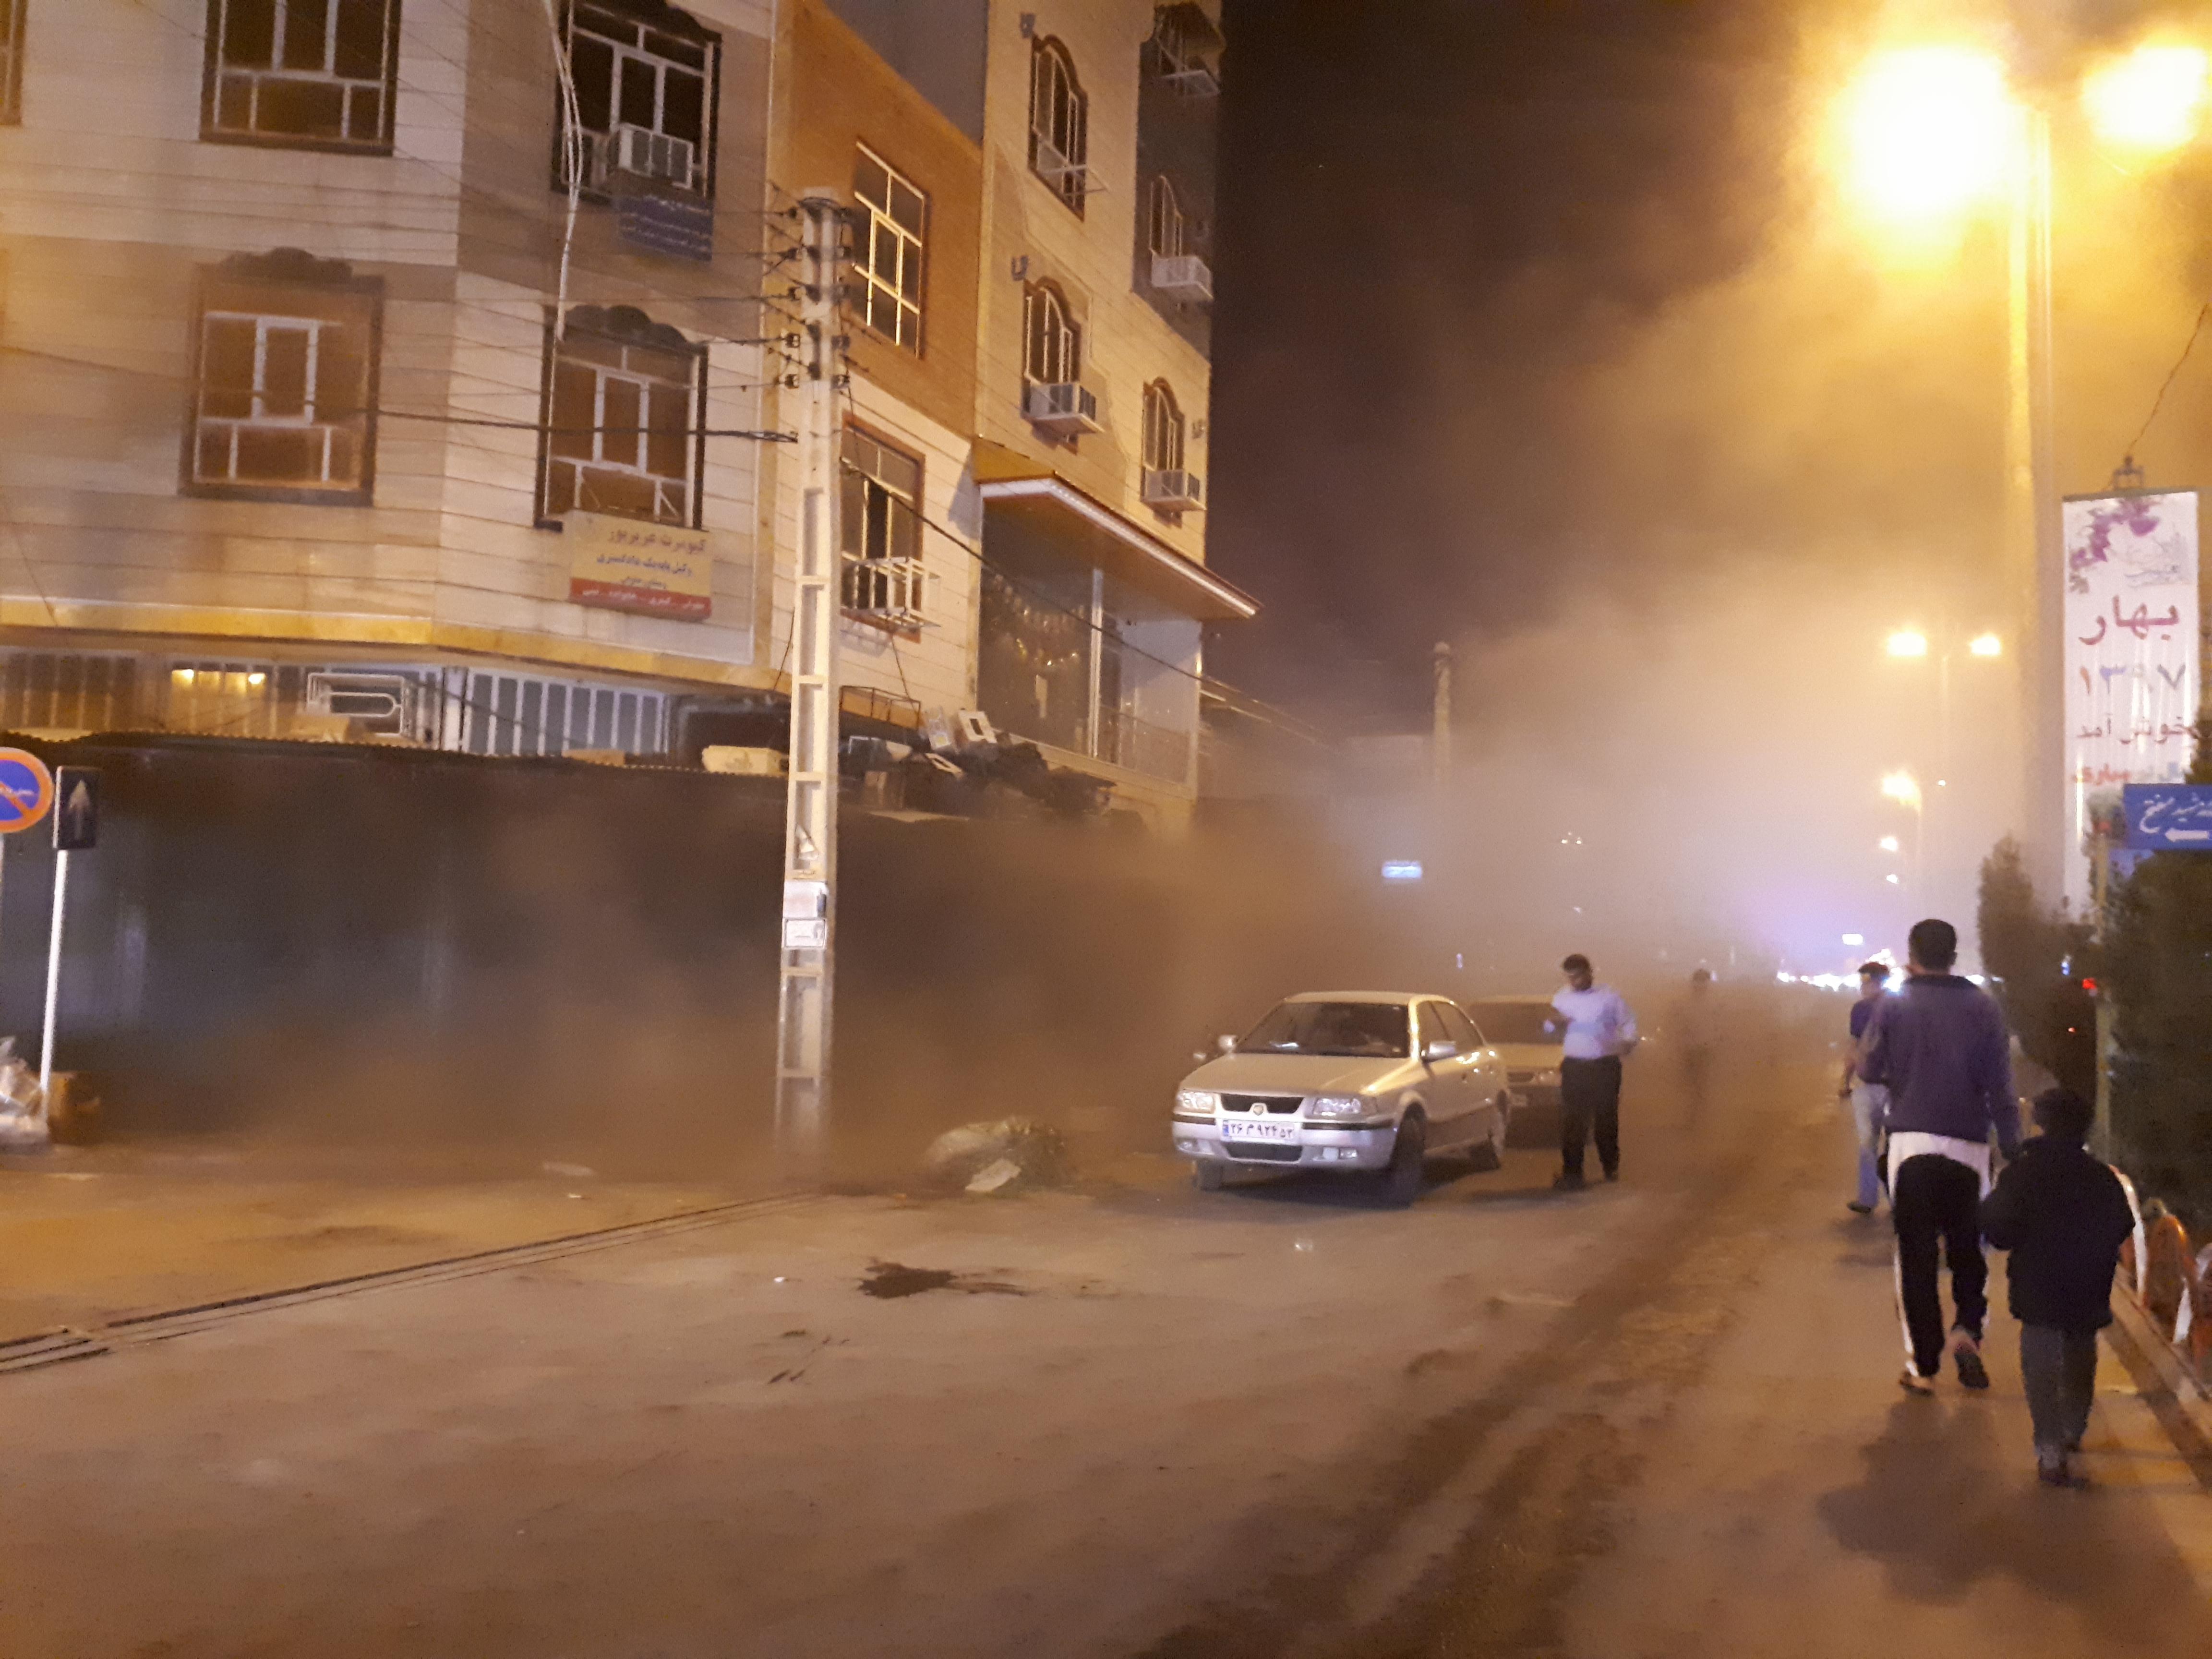 شعلههای آتش بازار آنزان ایذه فروکش کرد/حضور نیروی کمکی از شهرهای همجوار در نبود تجهیزات در شهرستان ۲۵۰ هزار نفری